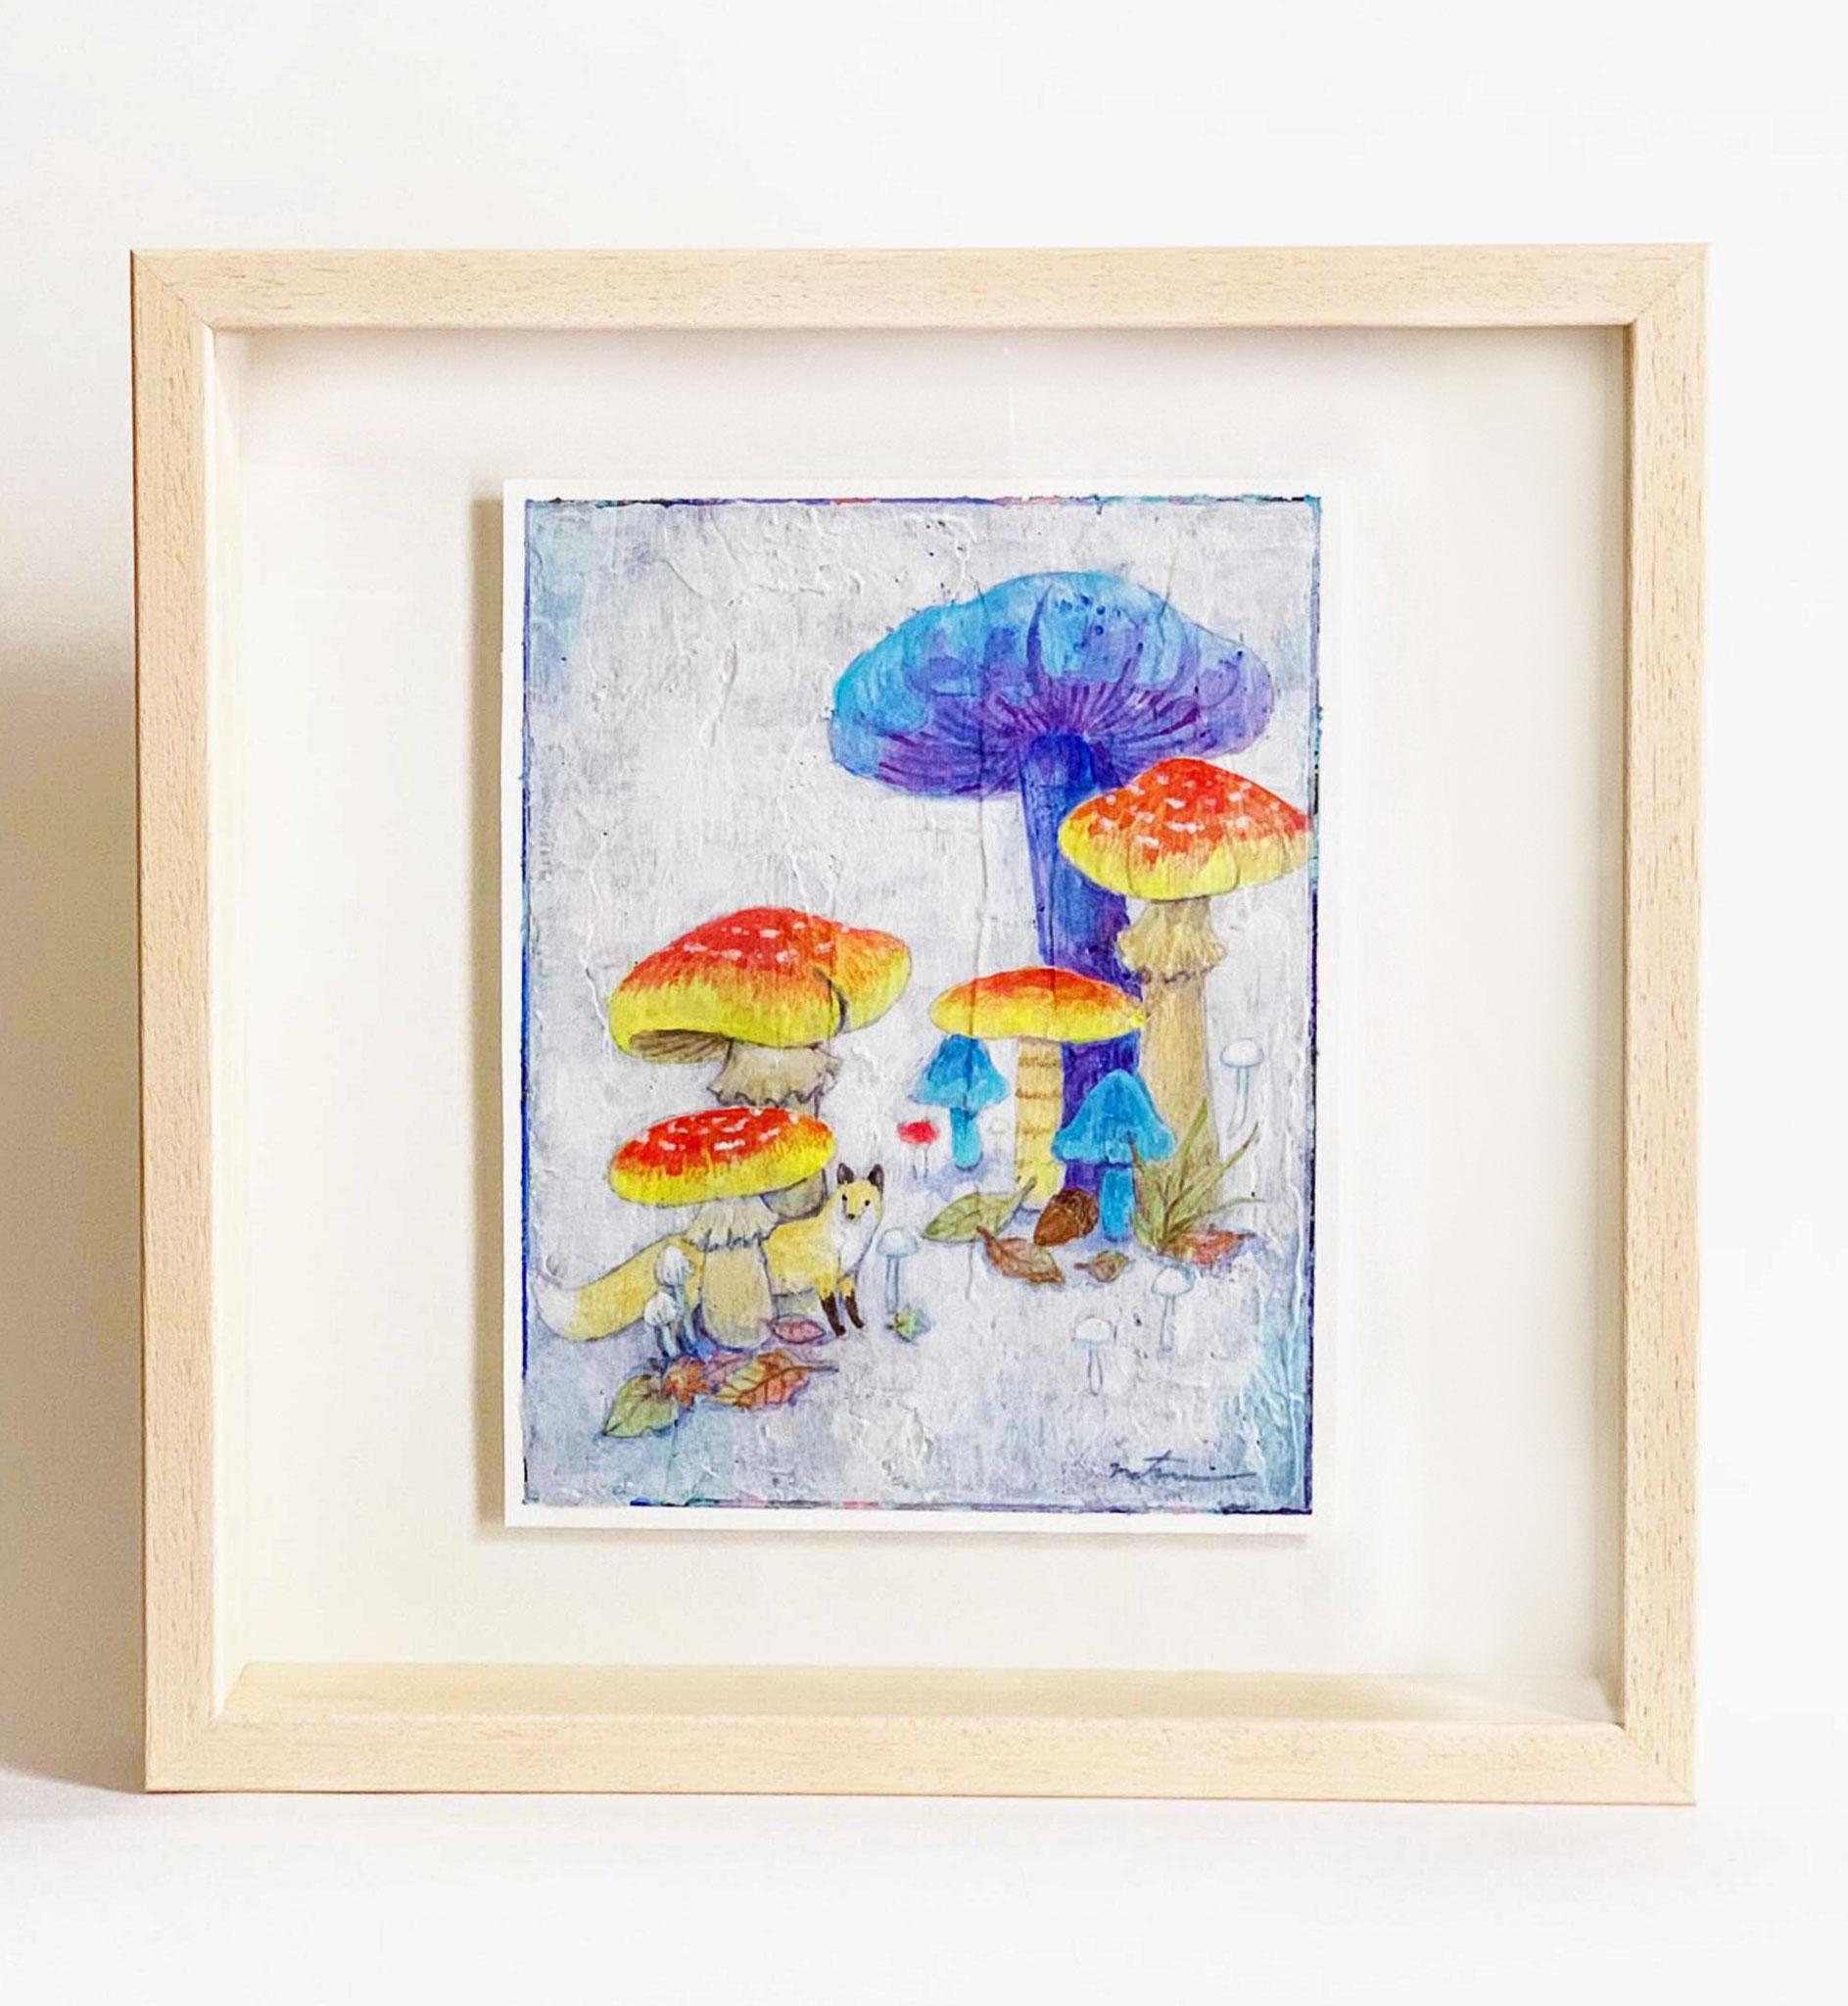 「キノコの森 I」 水彩画  180×140mm